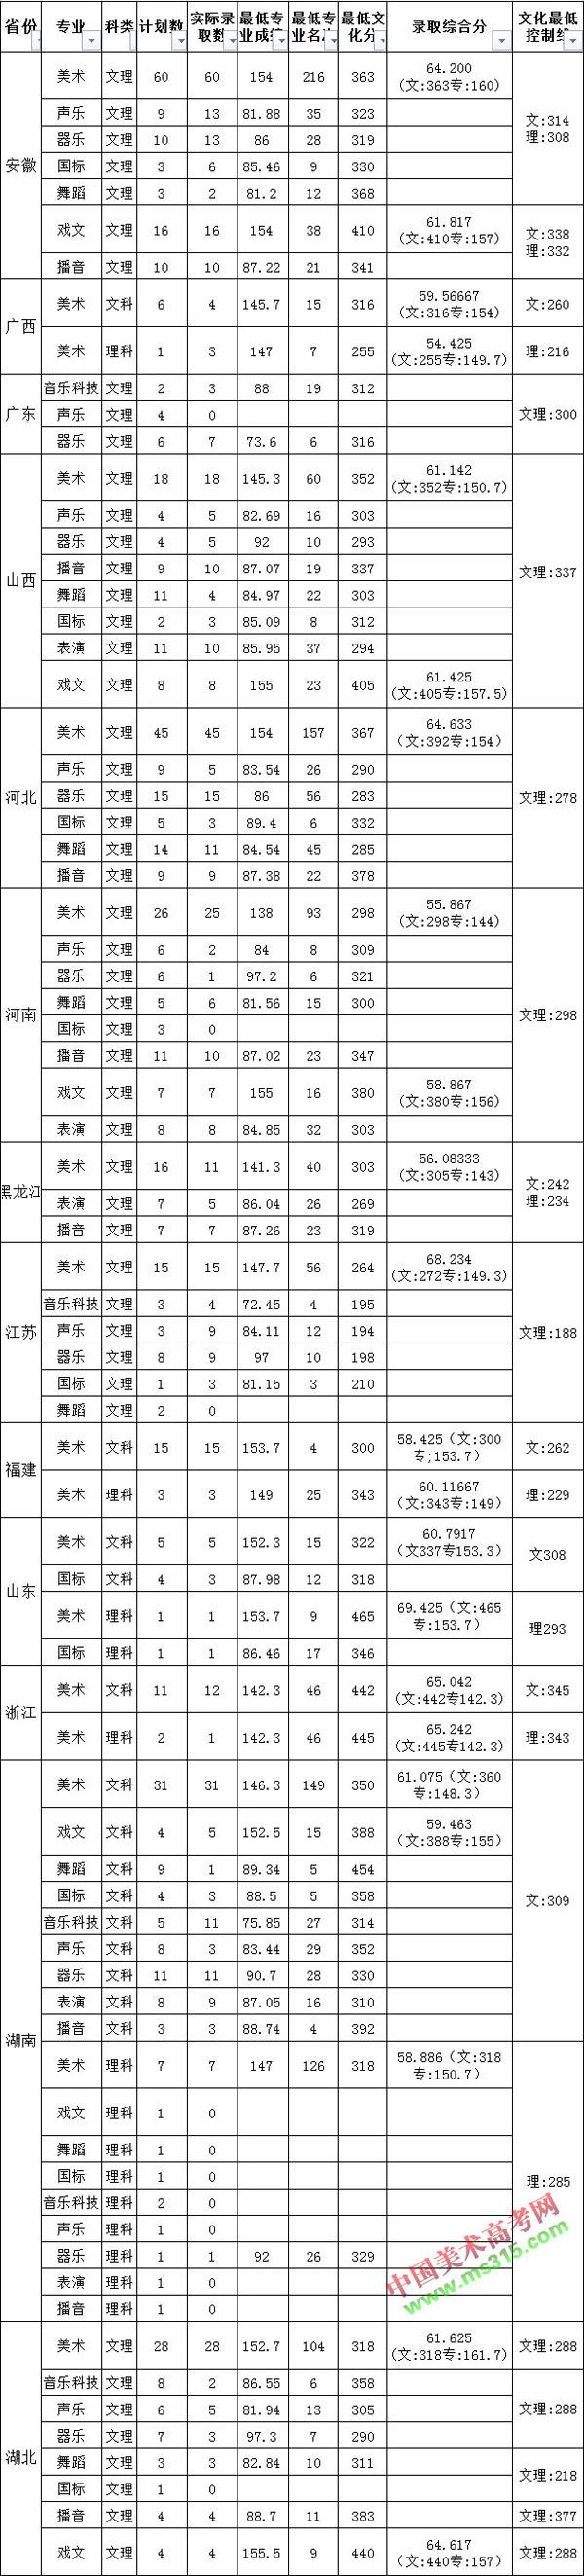 南昌大学2016年外省艺术类一志愿录取情况表.jpg